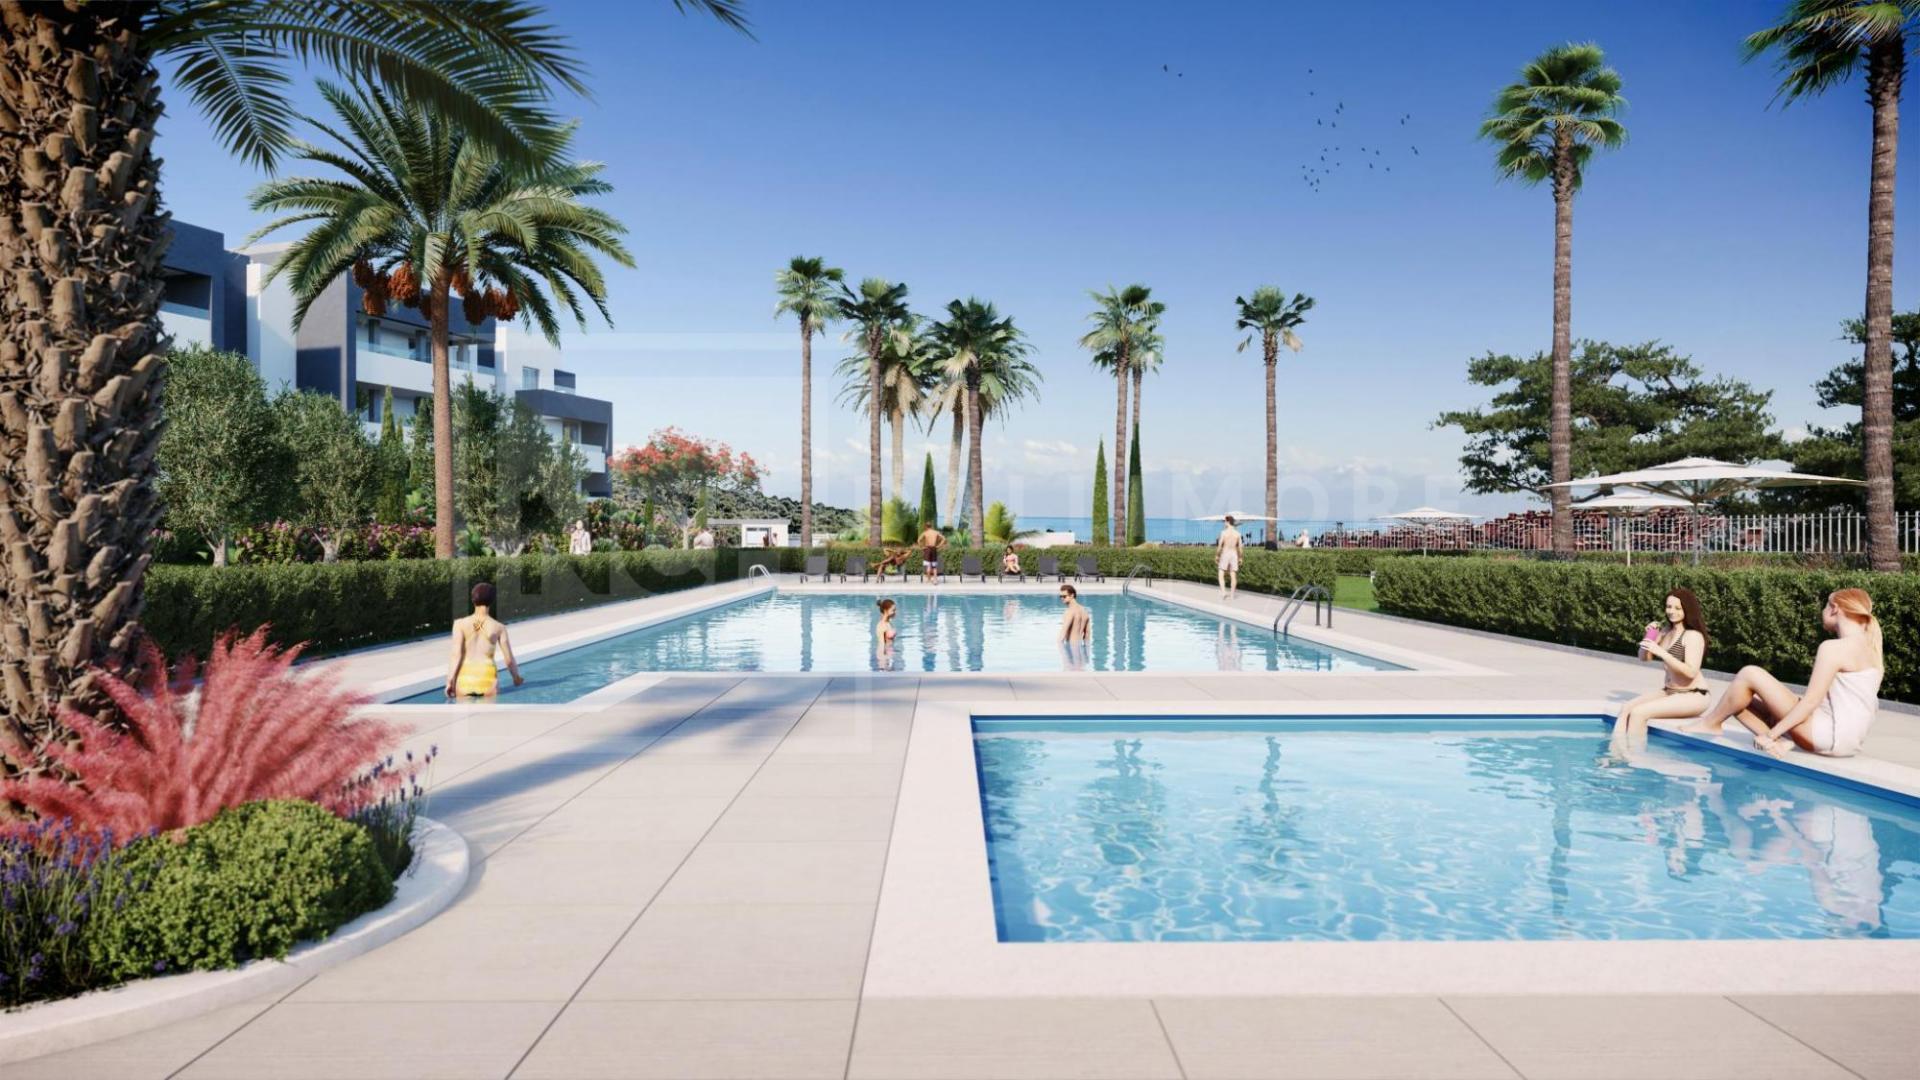 Penthouse Casares Playa, Casares – NEWPH6306